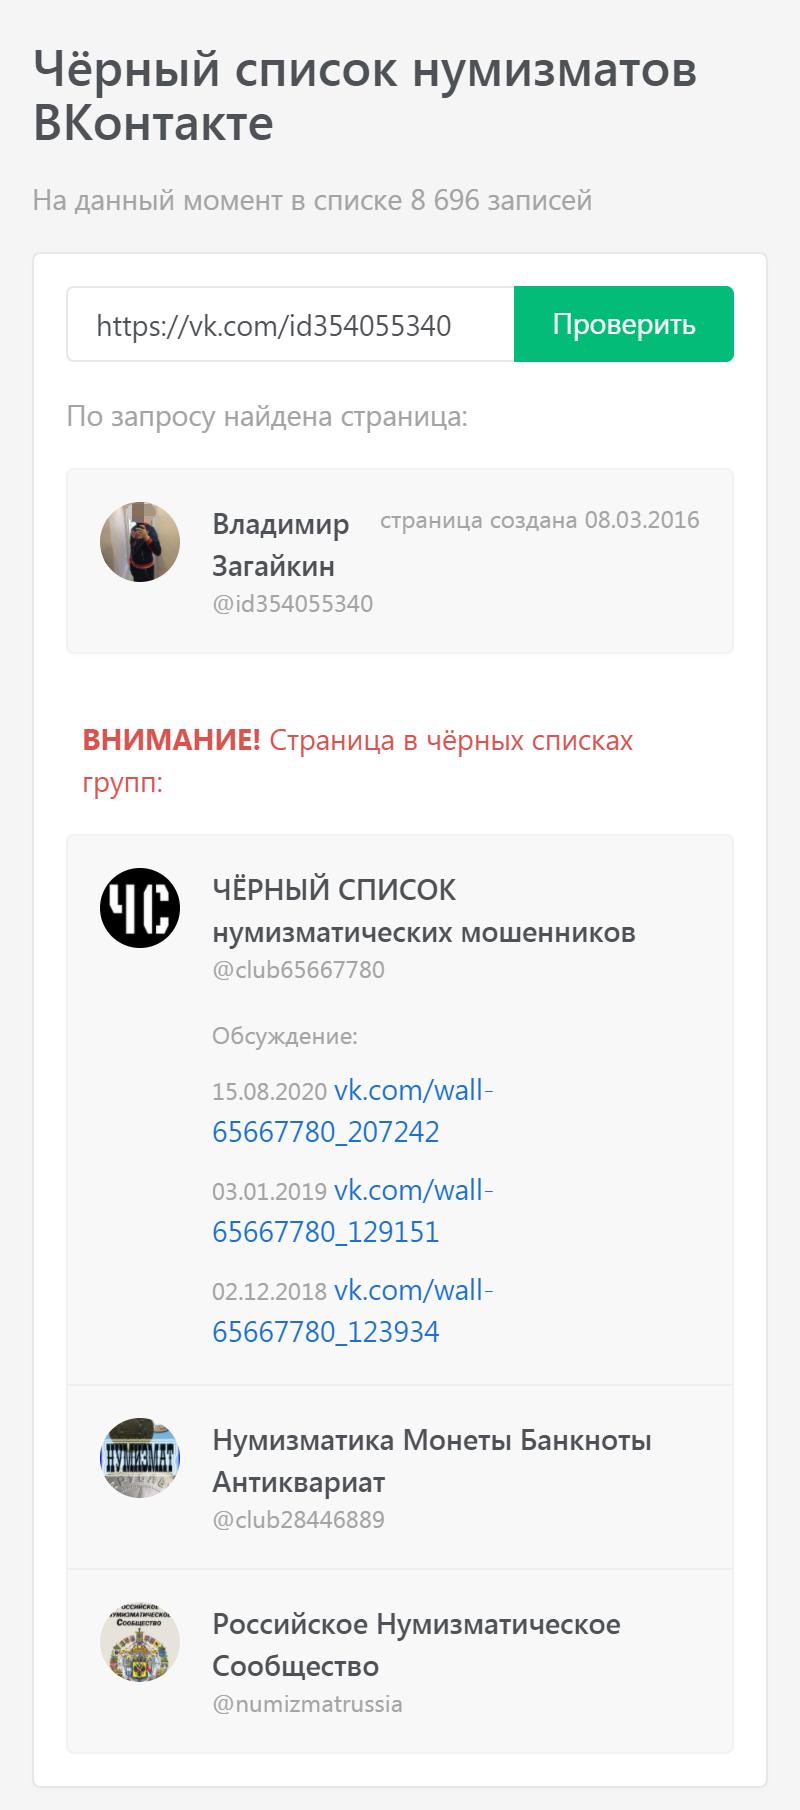 С помощью бота можно проверить пользователя в черных списках групп-партнеров. Чтобы это сделать, достаточно перейти по ссылке, указанной в разделе «Информация», и в поисковой строке ввести ID пользователя. Ради интереса я проверила профиль Владимира Загайкина